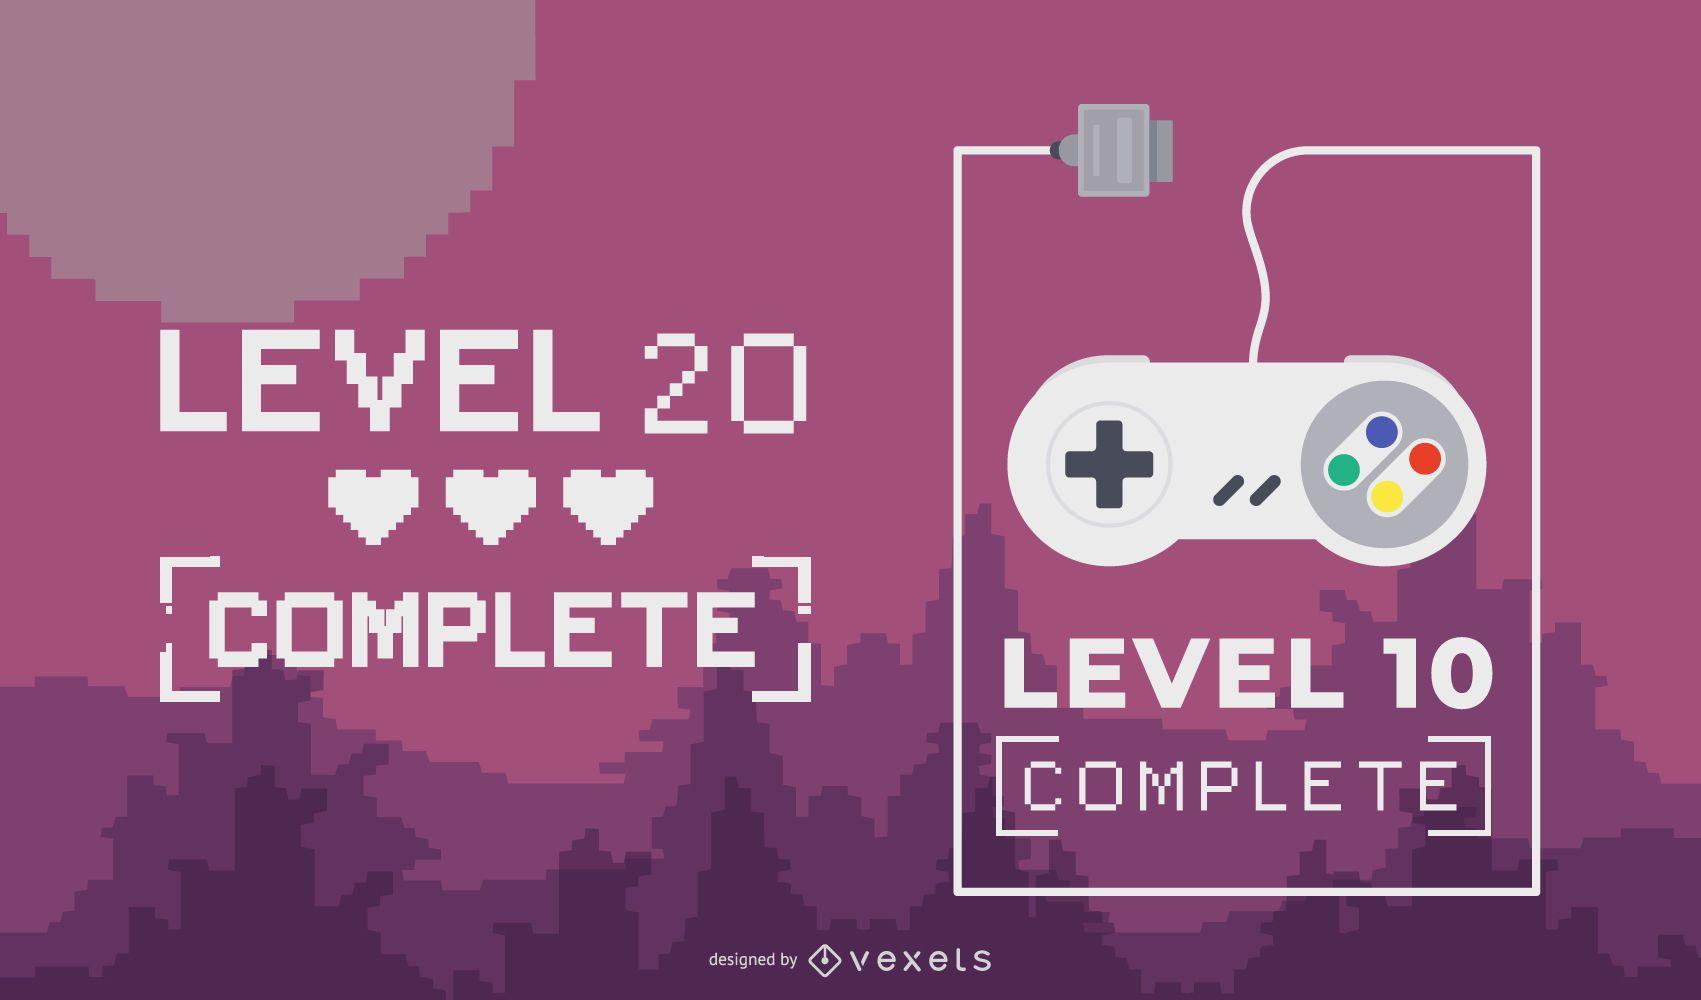 Game Level Complete Lettering Design